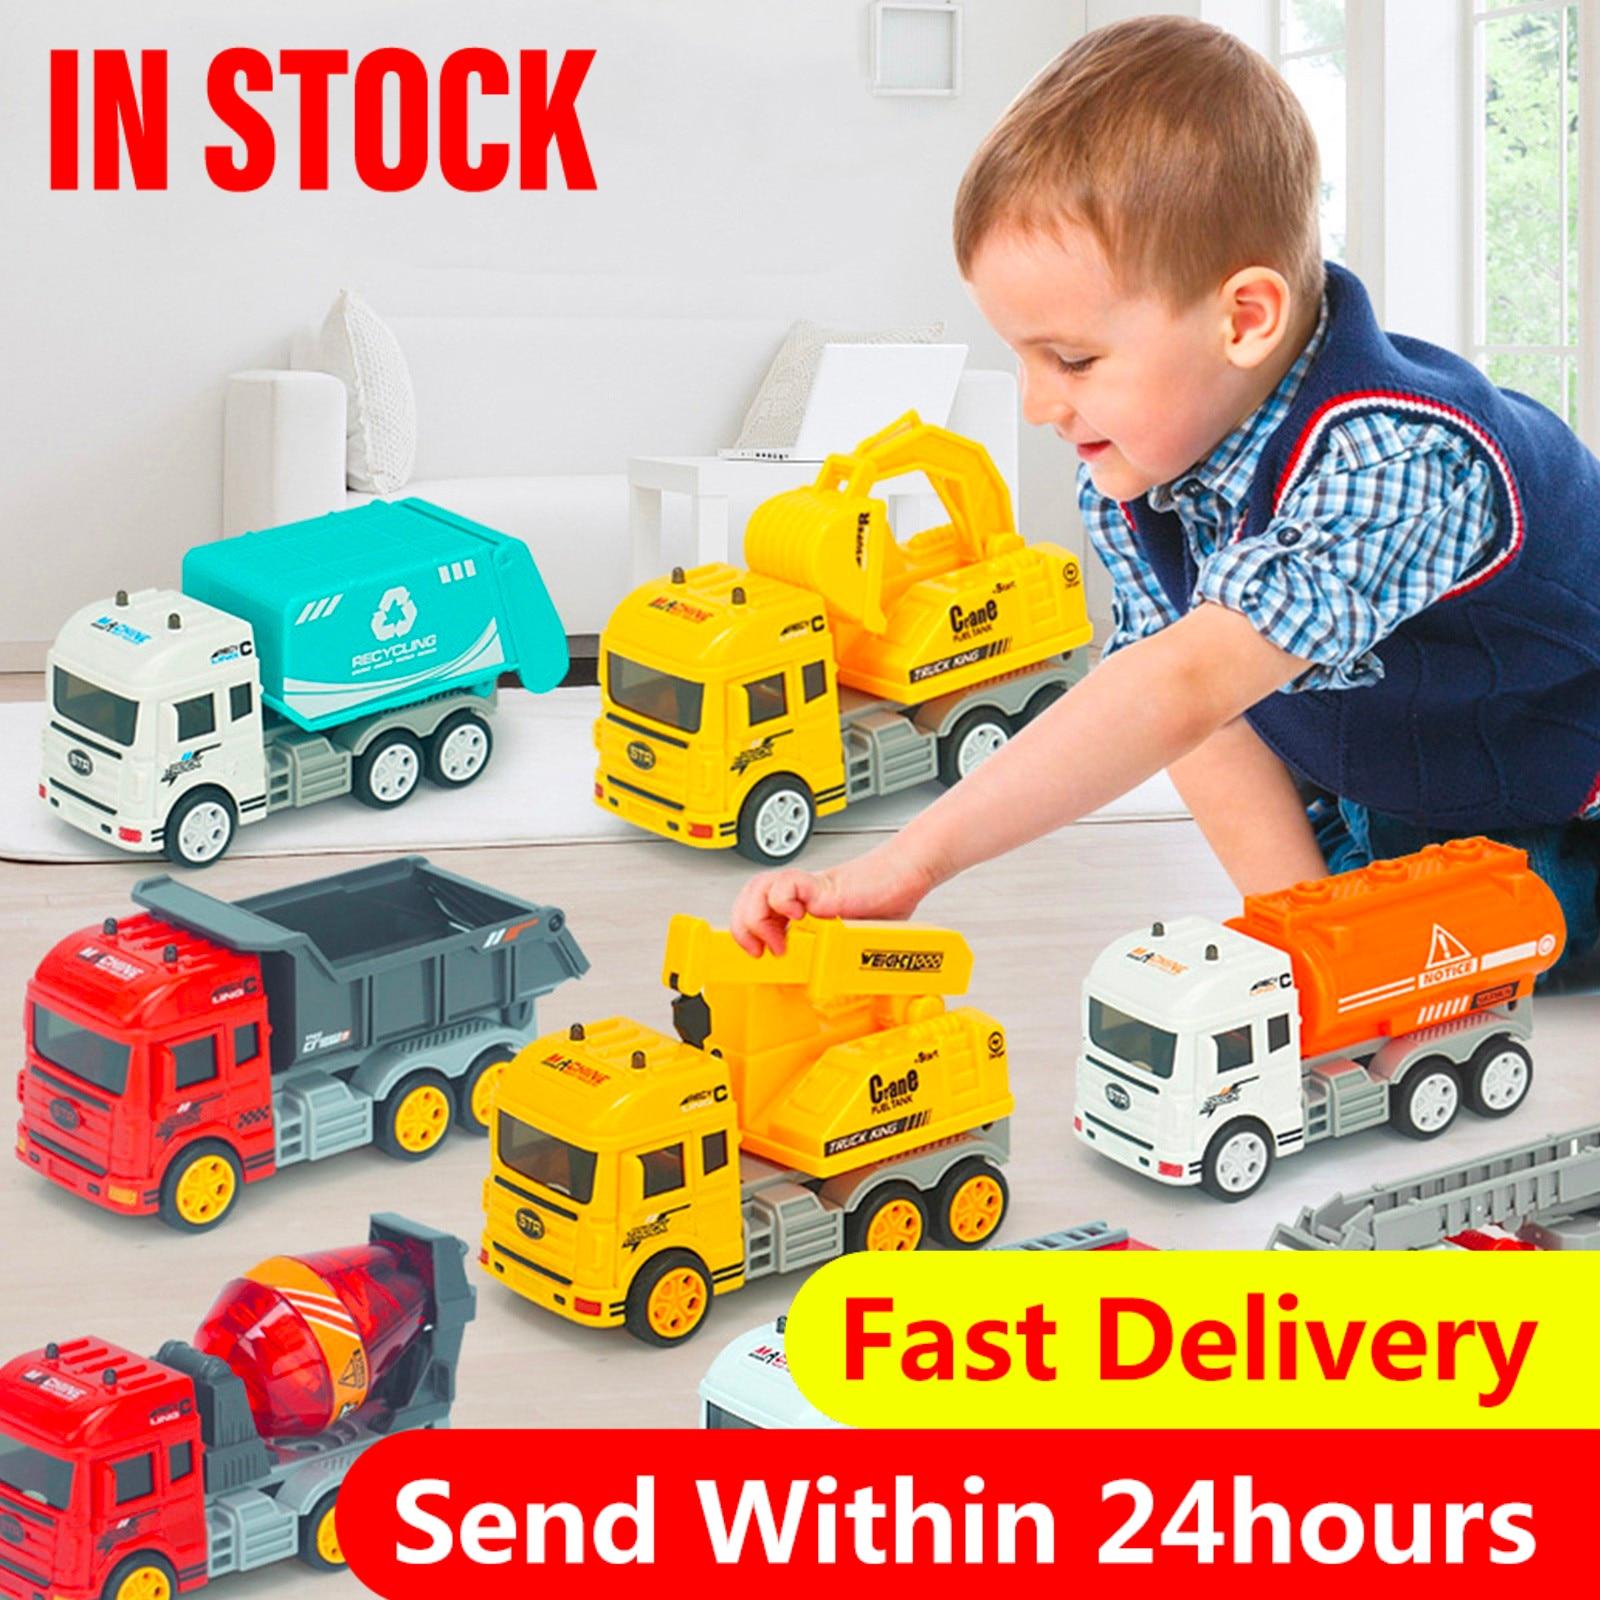 Игрушечный Грузовик под давлением, экскаватор, пожарная машина, Инженерная техника, инерционная миниатюрная детская игрушка, подарок, трюк...